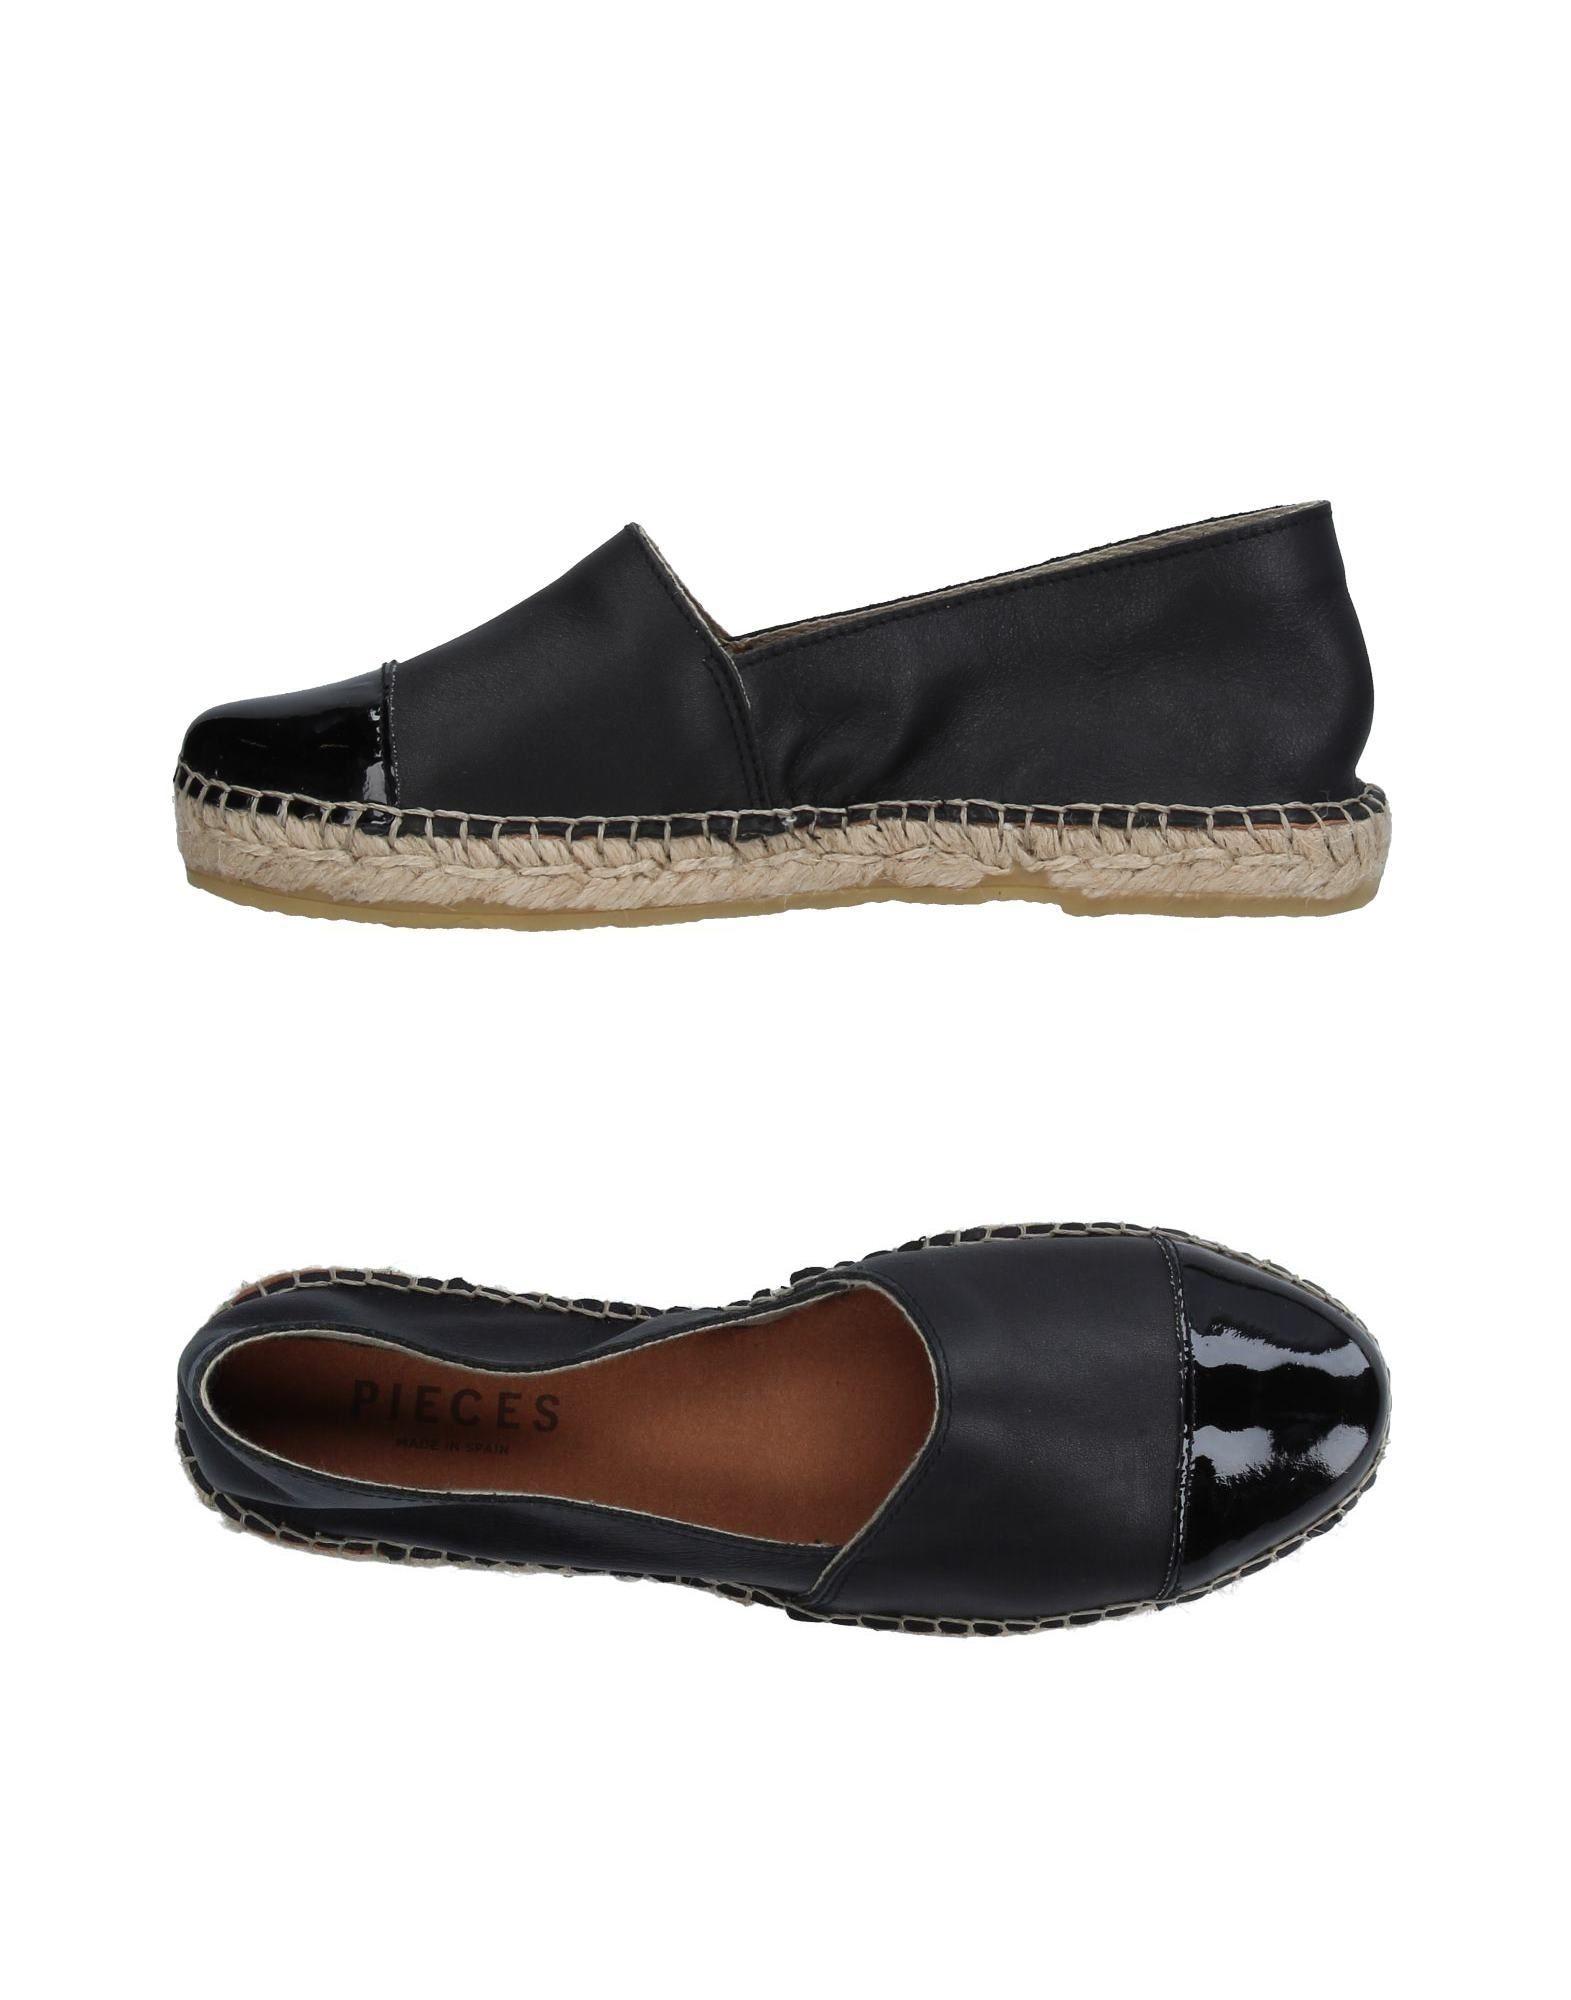 Sneakers Nuove Camper Donna - 11366696JN Nuove Sneakers offerte e scarpe comode dc990f